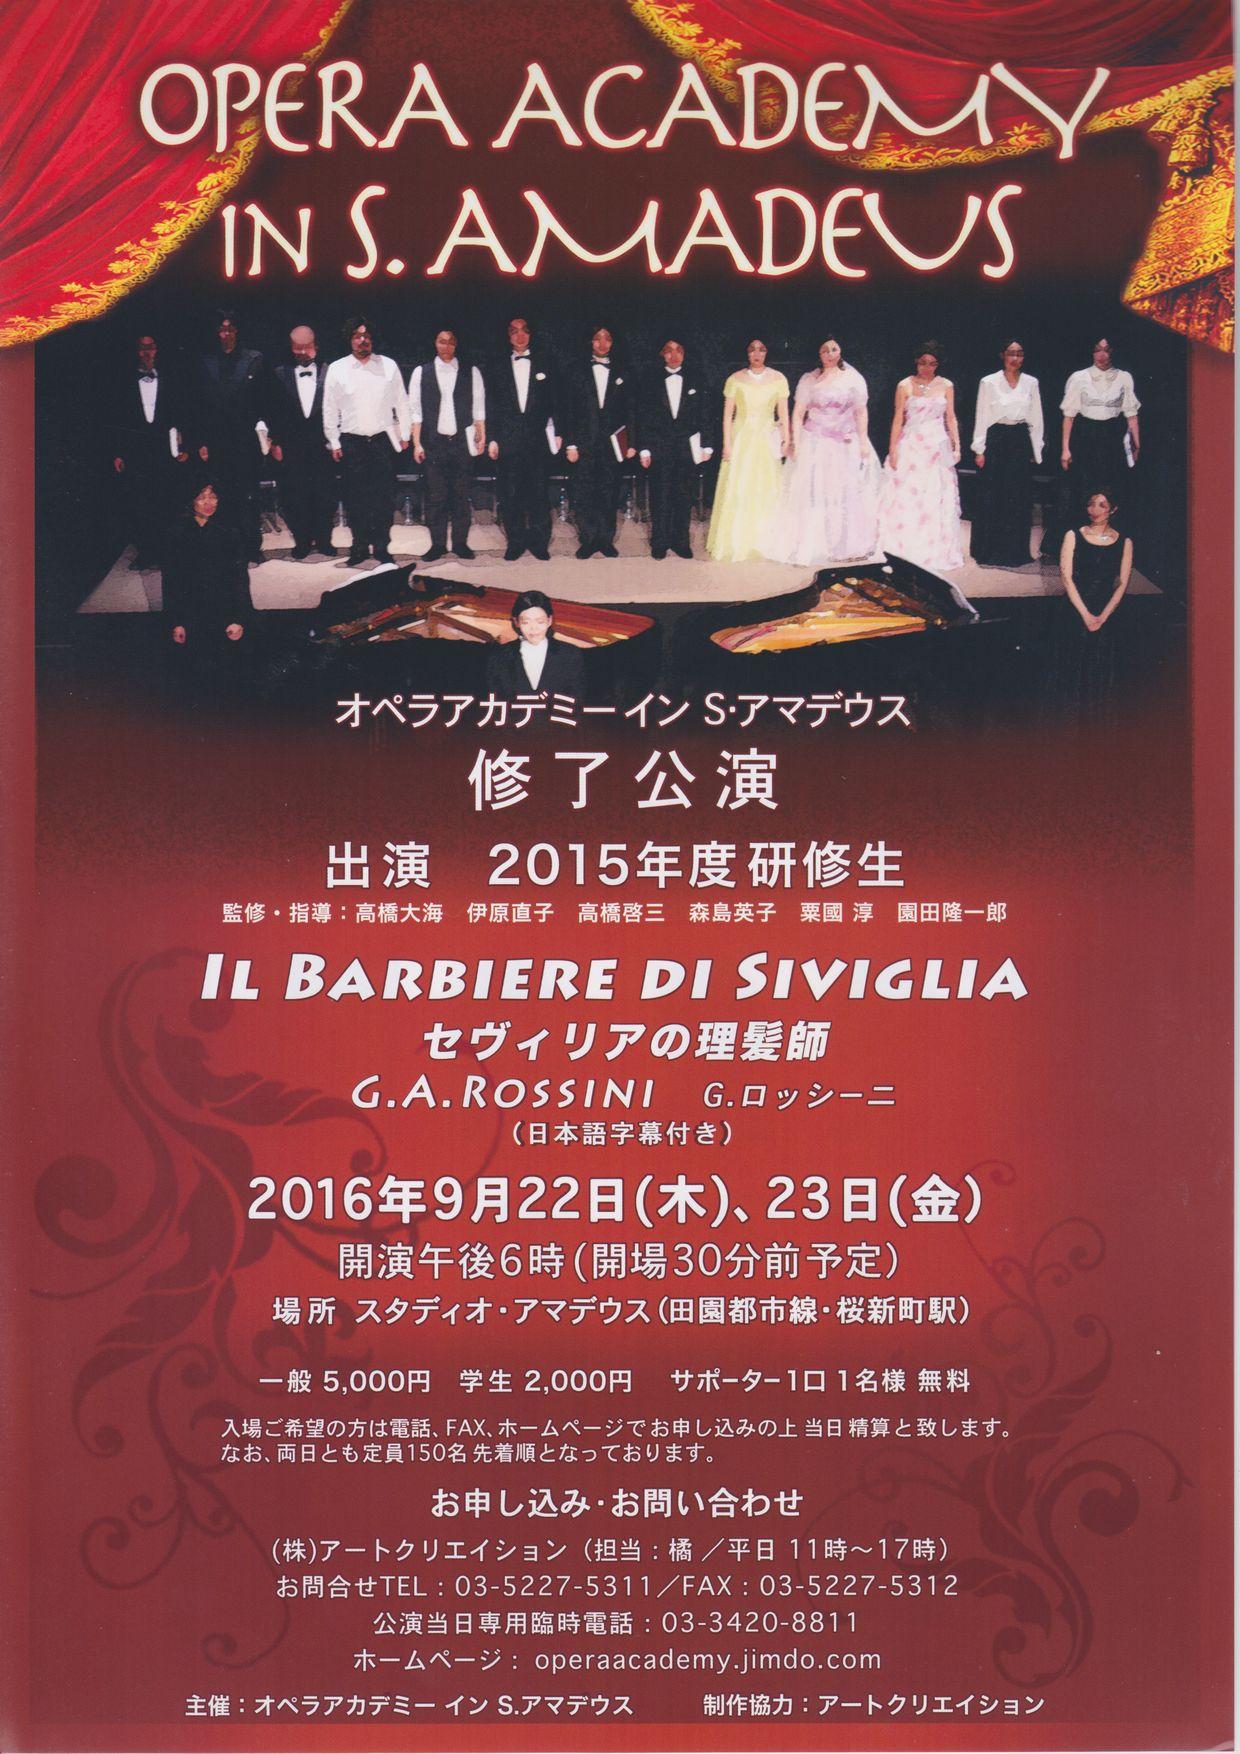 オペラアカデミー イン S.アマデウス 修了公演 G.A.ロッシーニ作曲 『セヴィリアの理髪師』